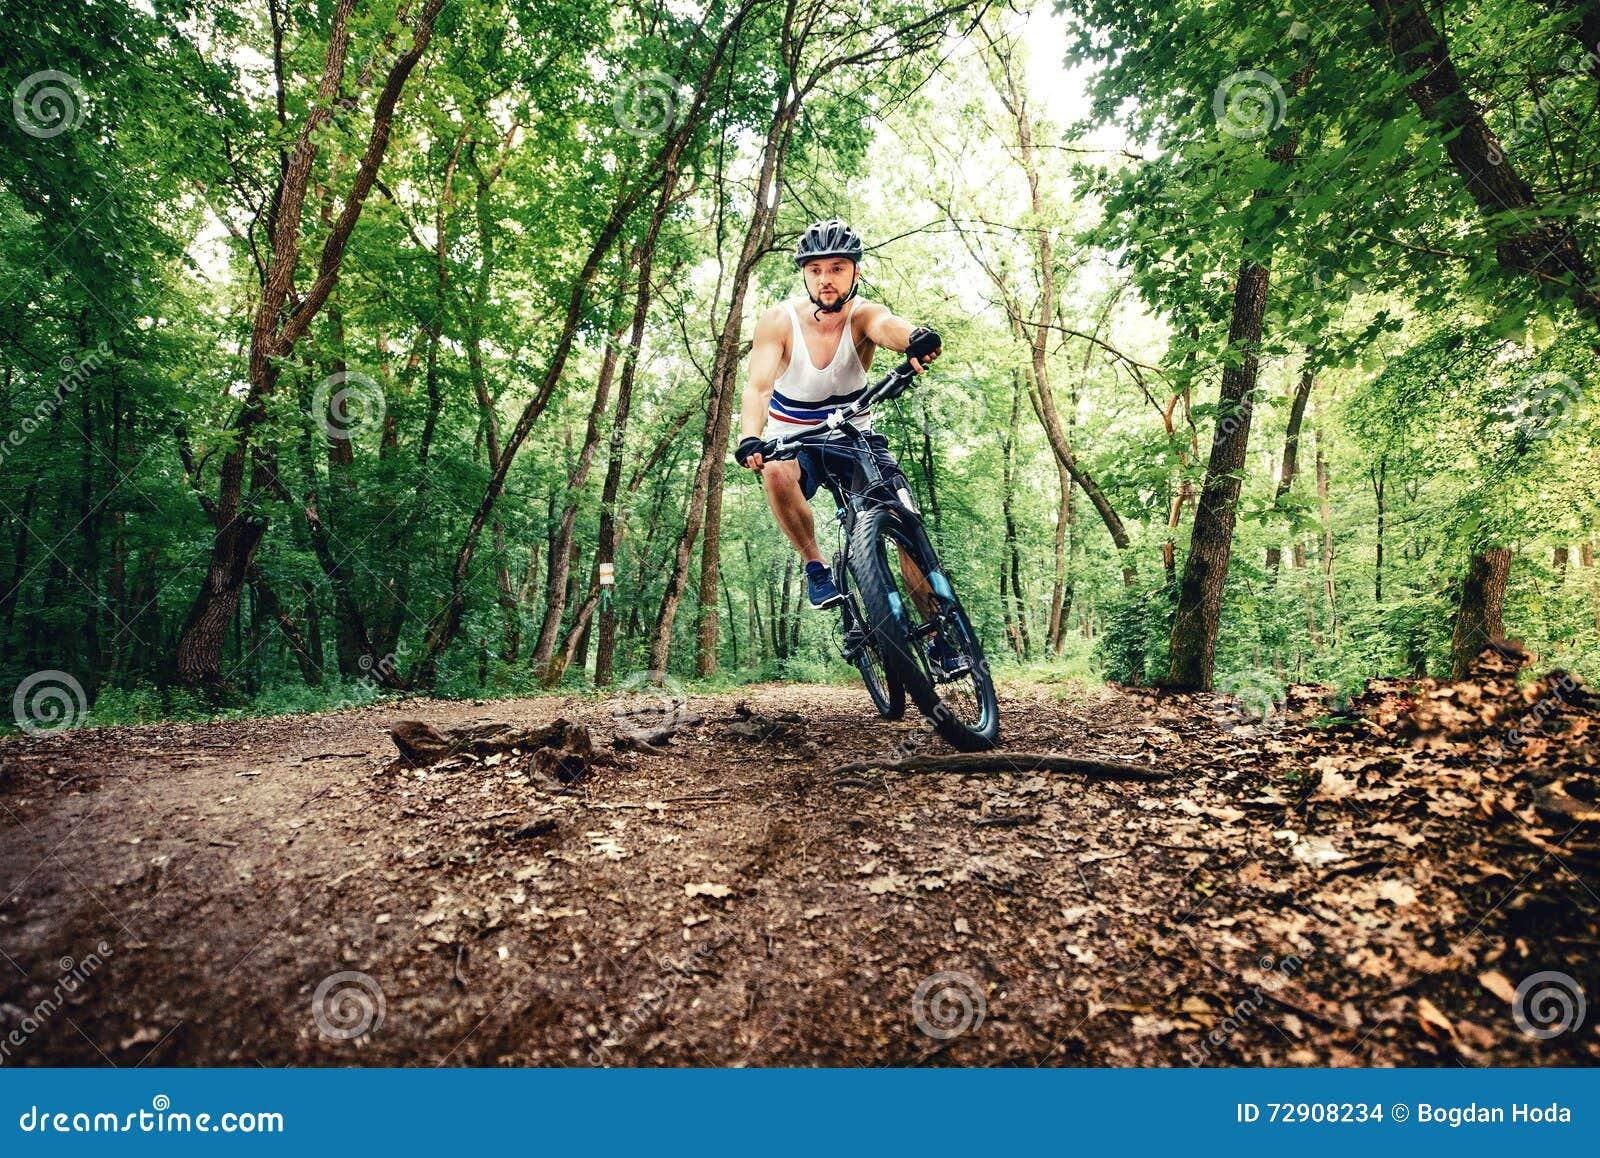 Велосипедист Professioanl, весьма спорт, велосипедист на велосипеде на горной тропе